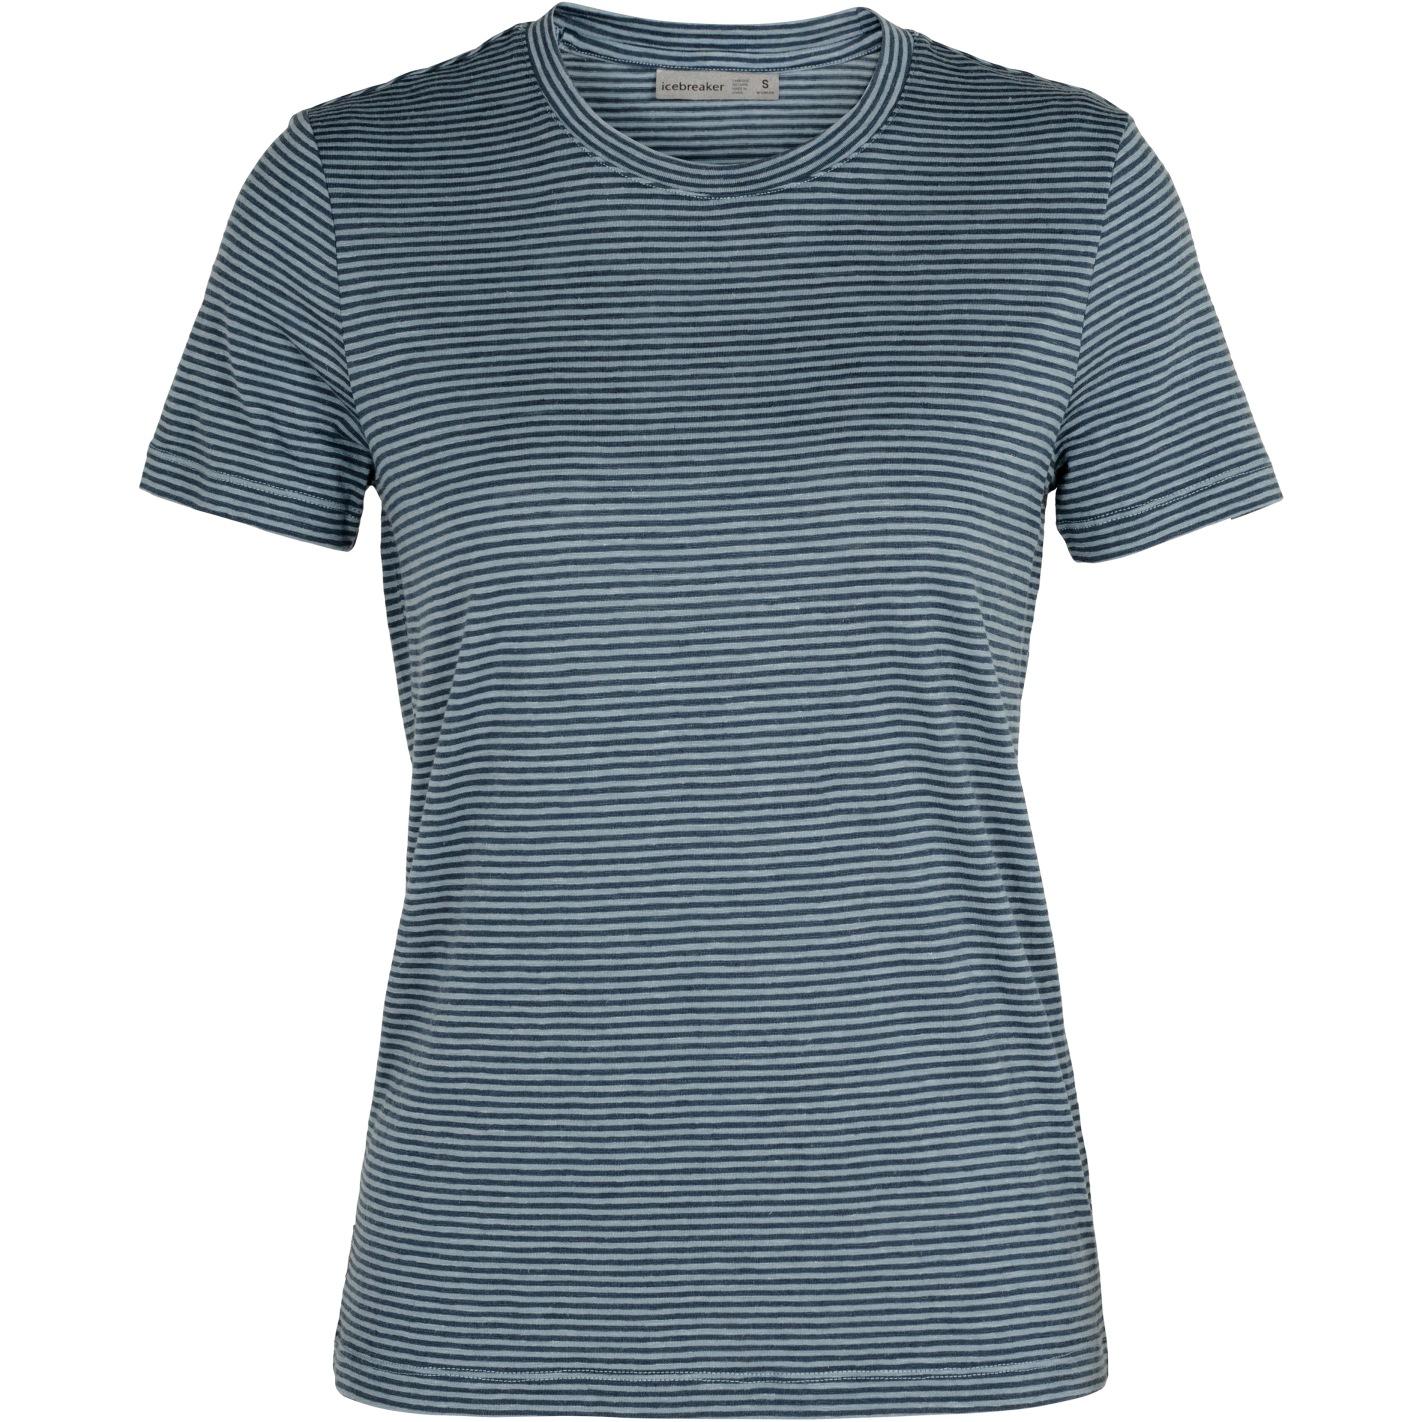 Produktbild von Icebreaker Dowlas Crewe Stripe Damen T-Shirt - Gravel